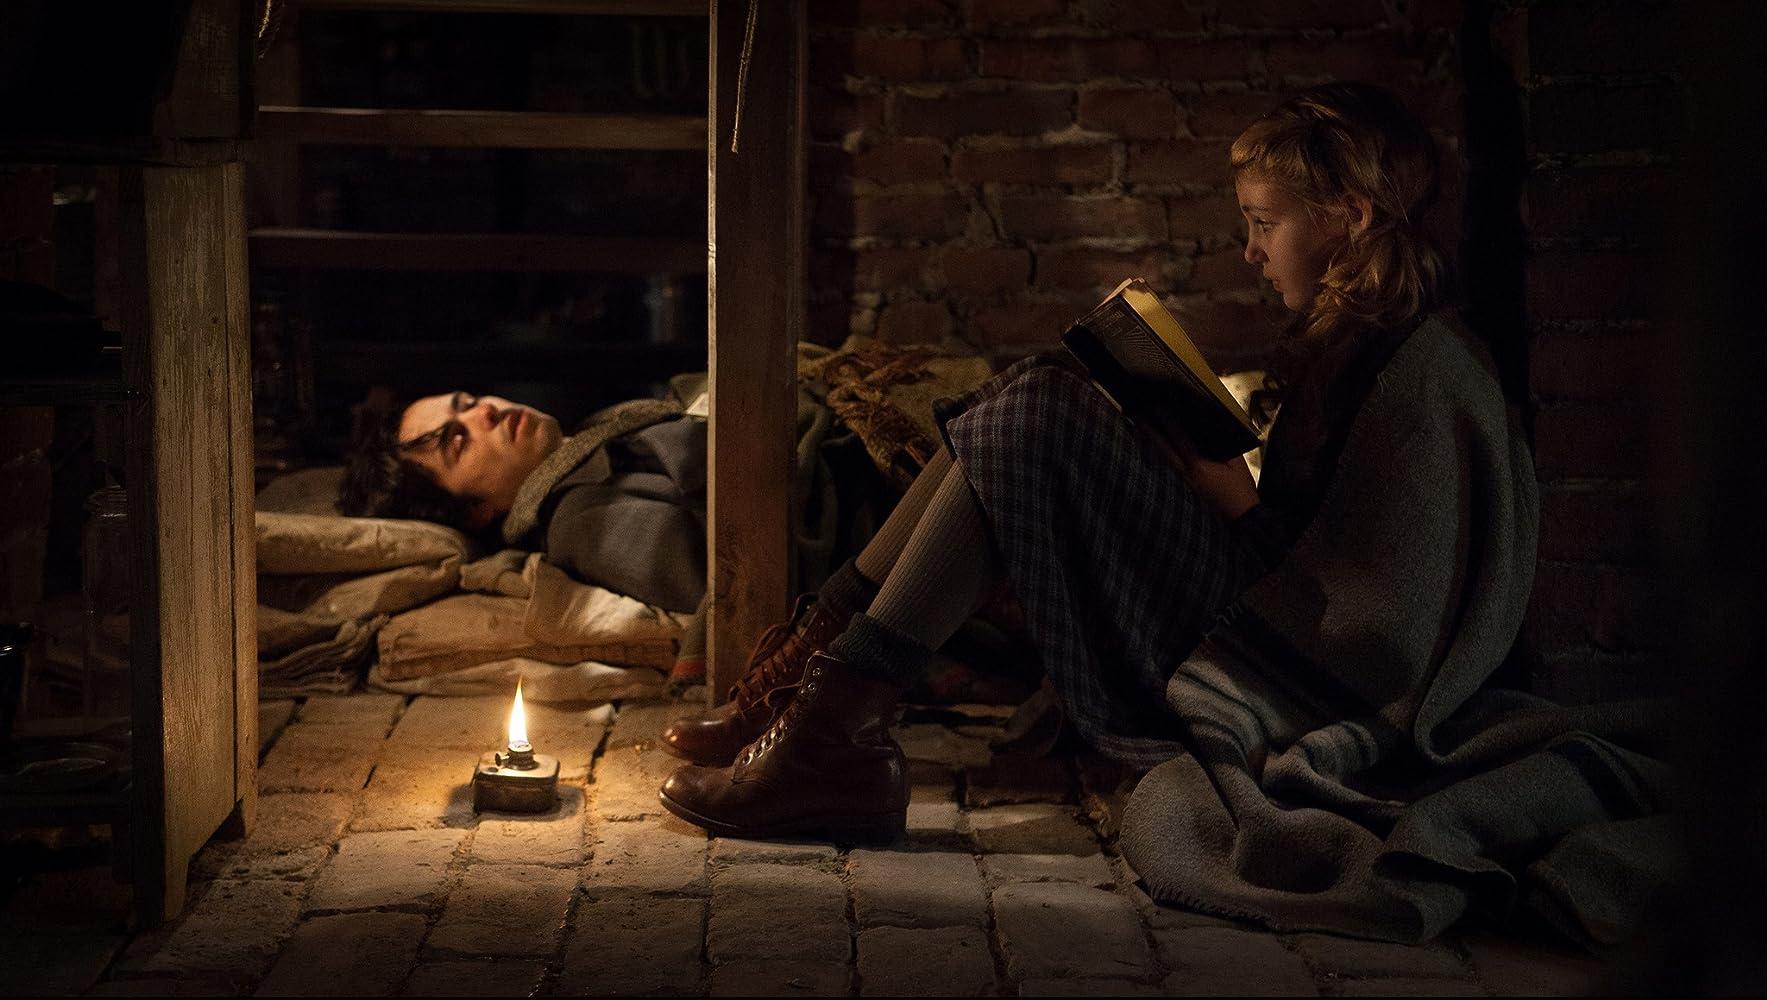 Ben Schnetzer and Sophie Nélisse in The Book Thief (2013)